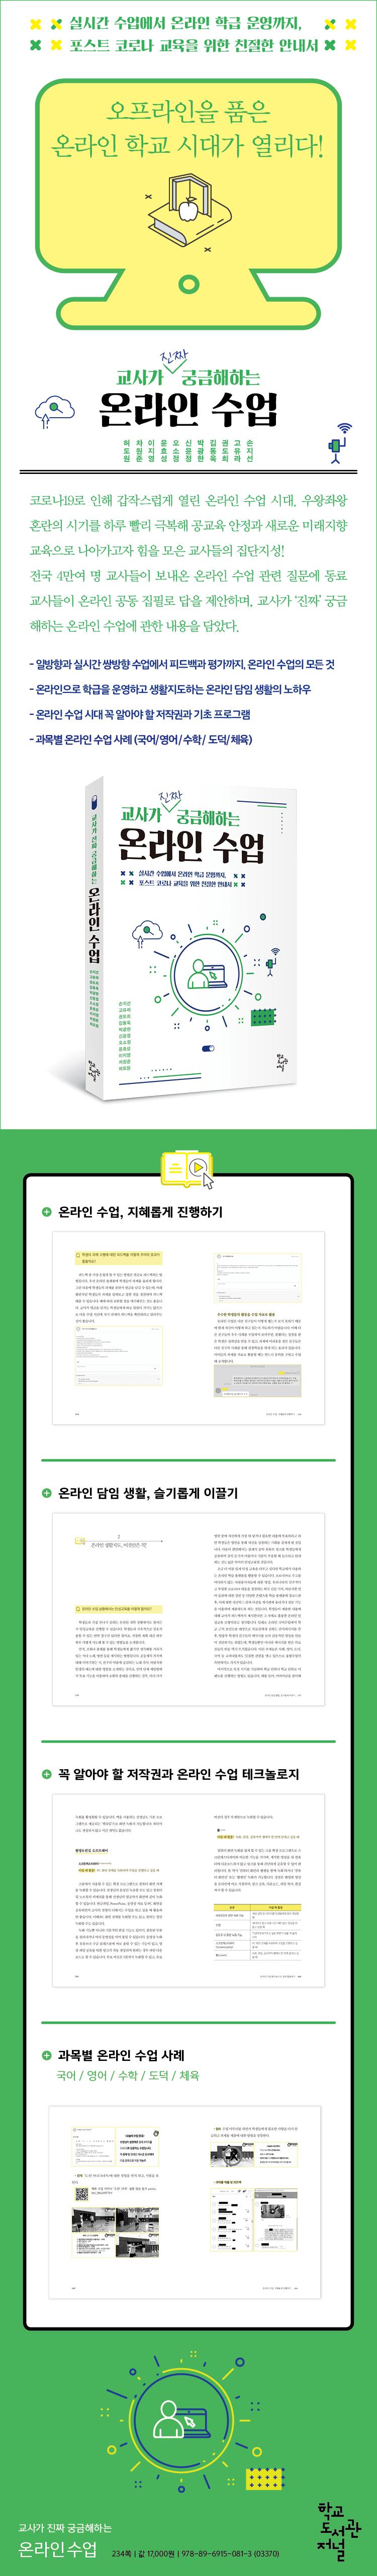 온라인수업 상세페이지.jpg